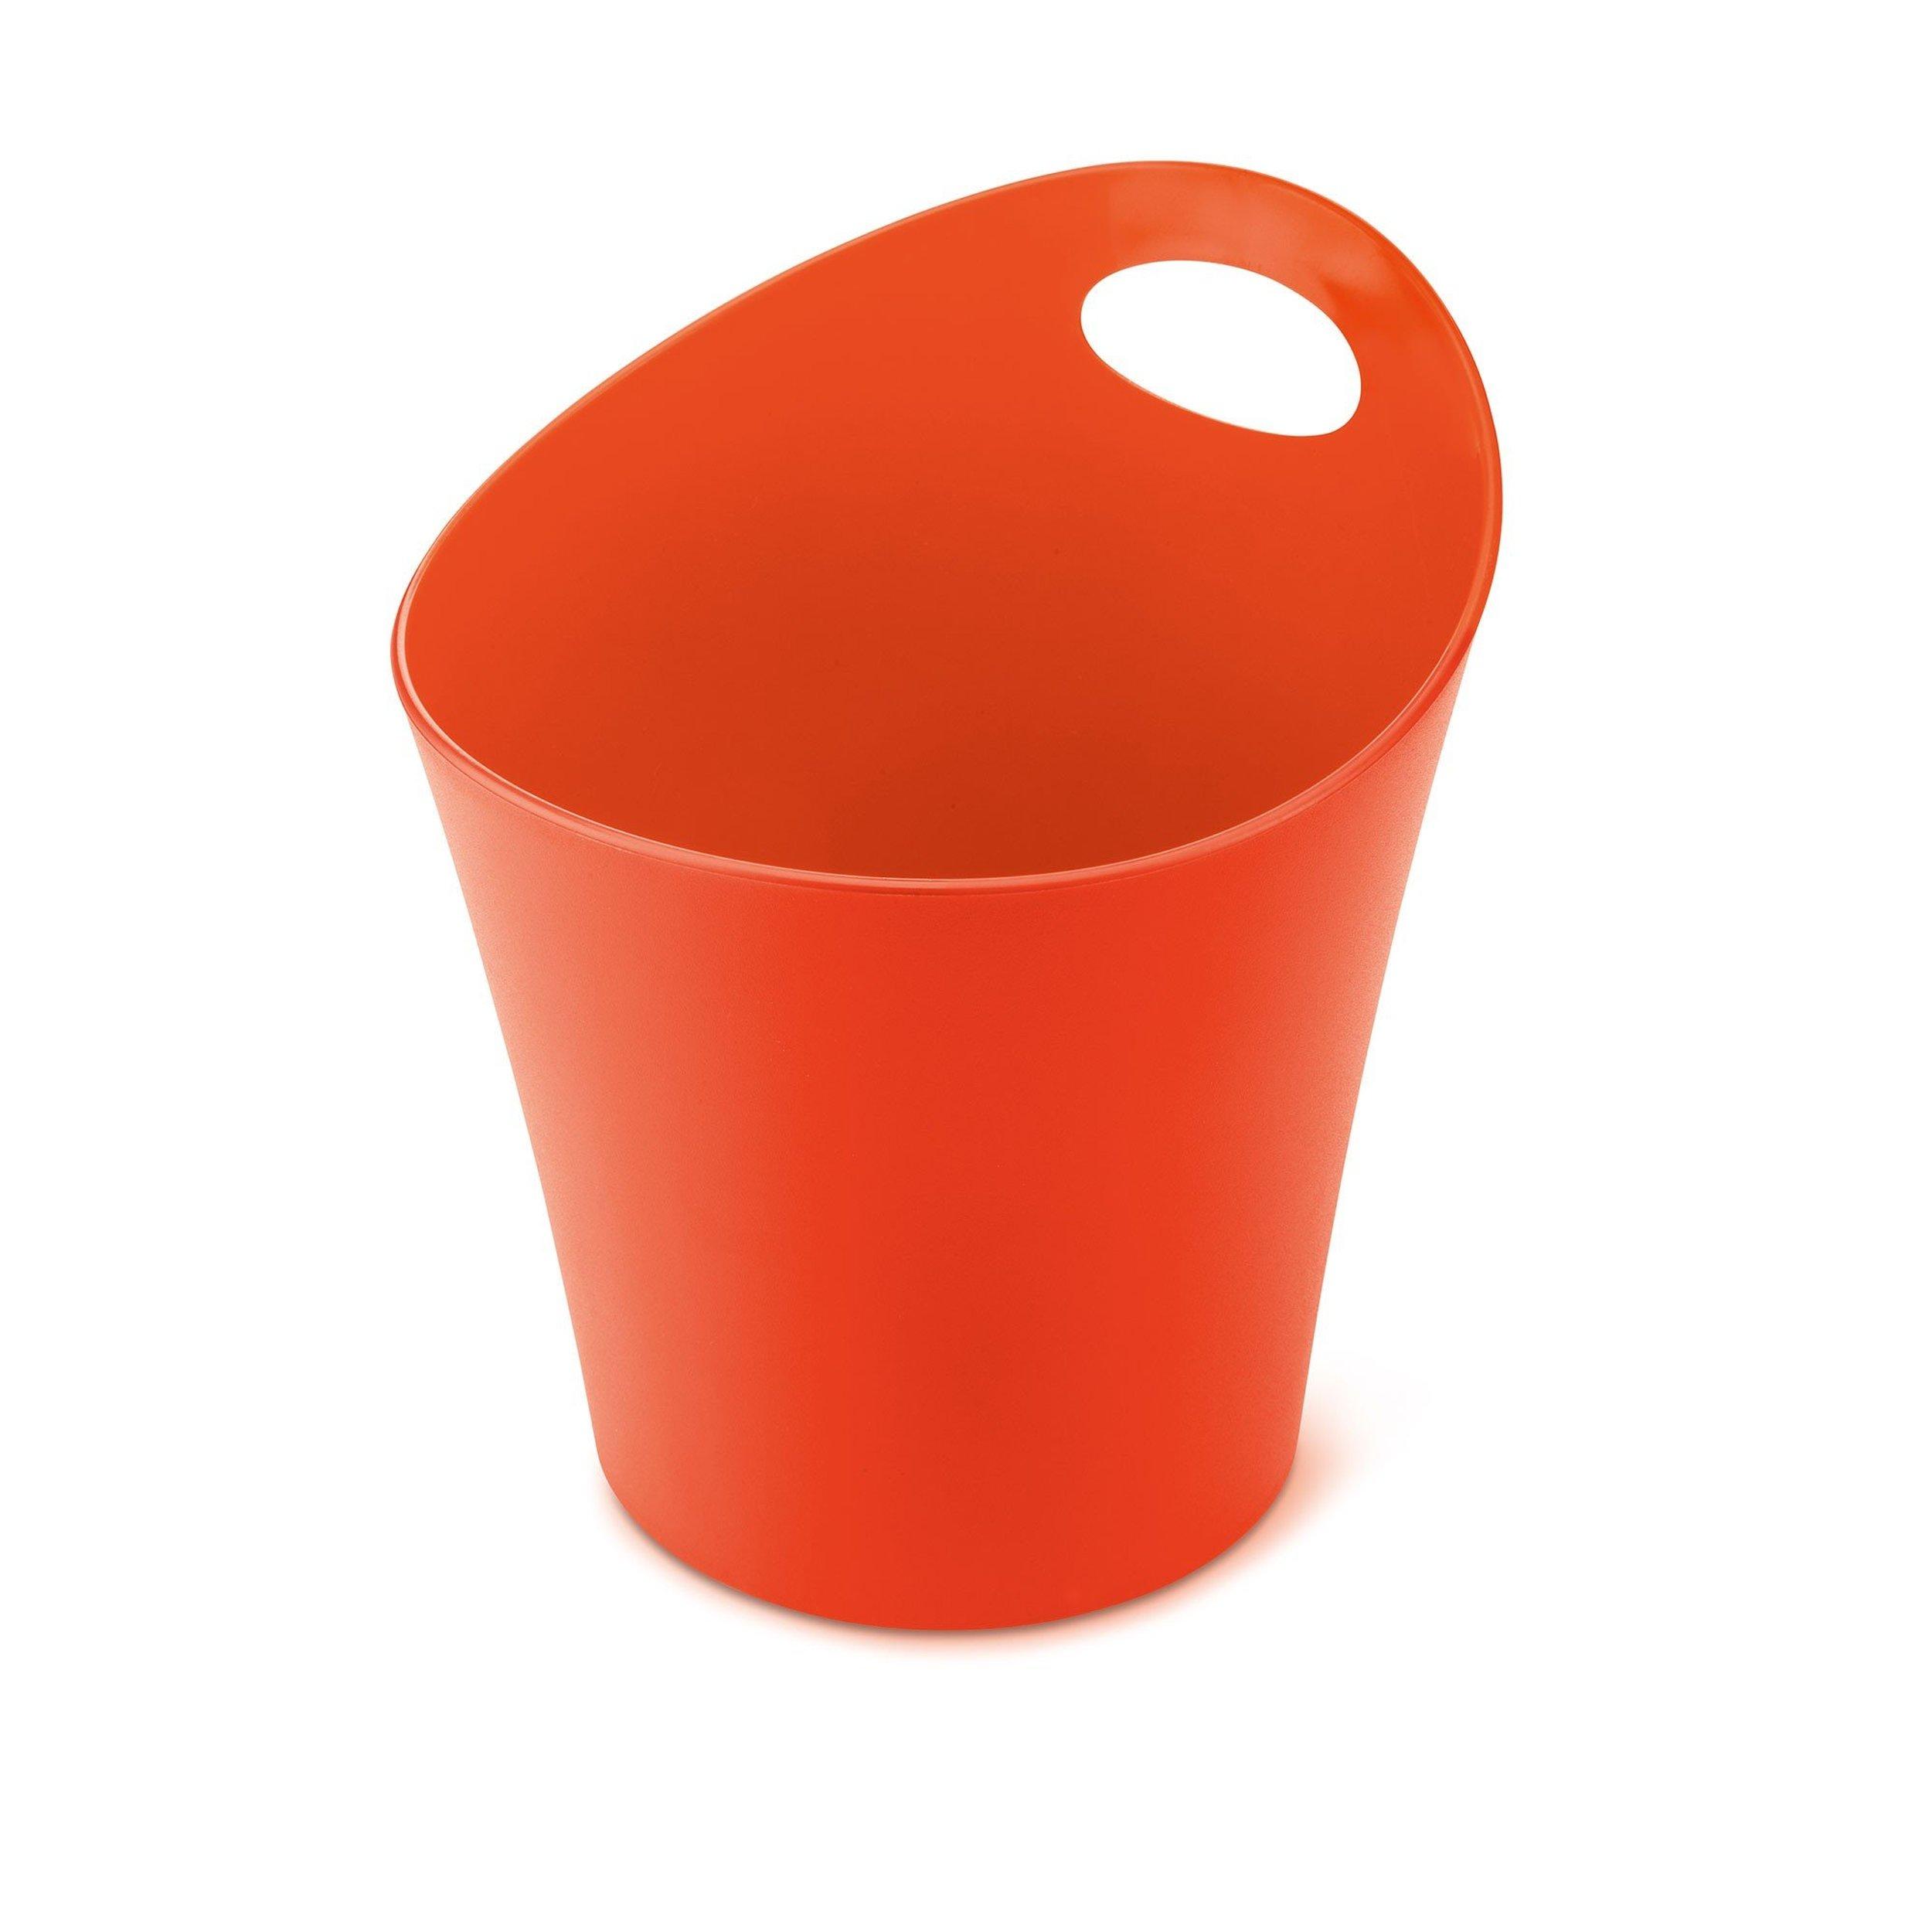 Pojemnik Pottichelli L pomarańczowoczerwony